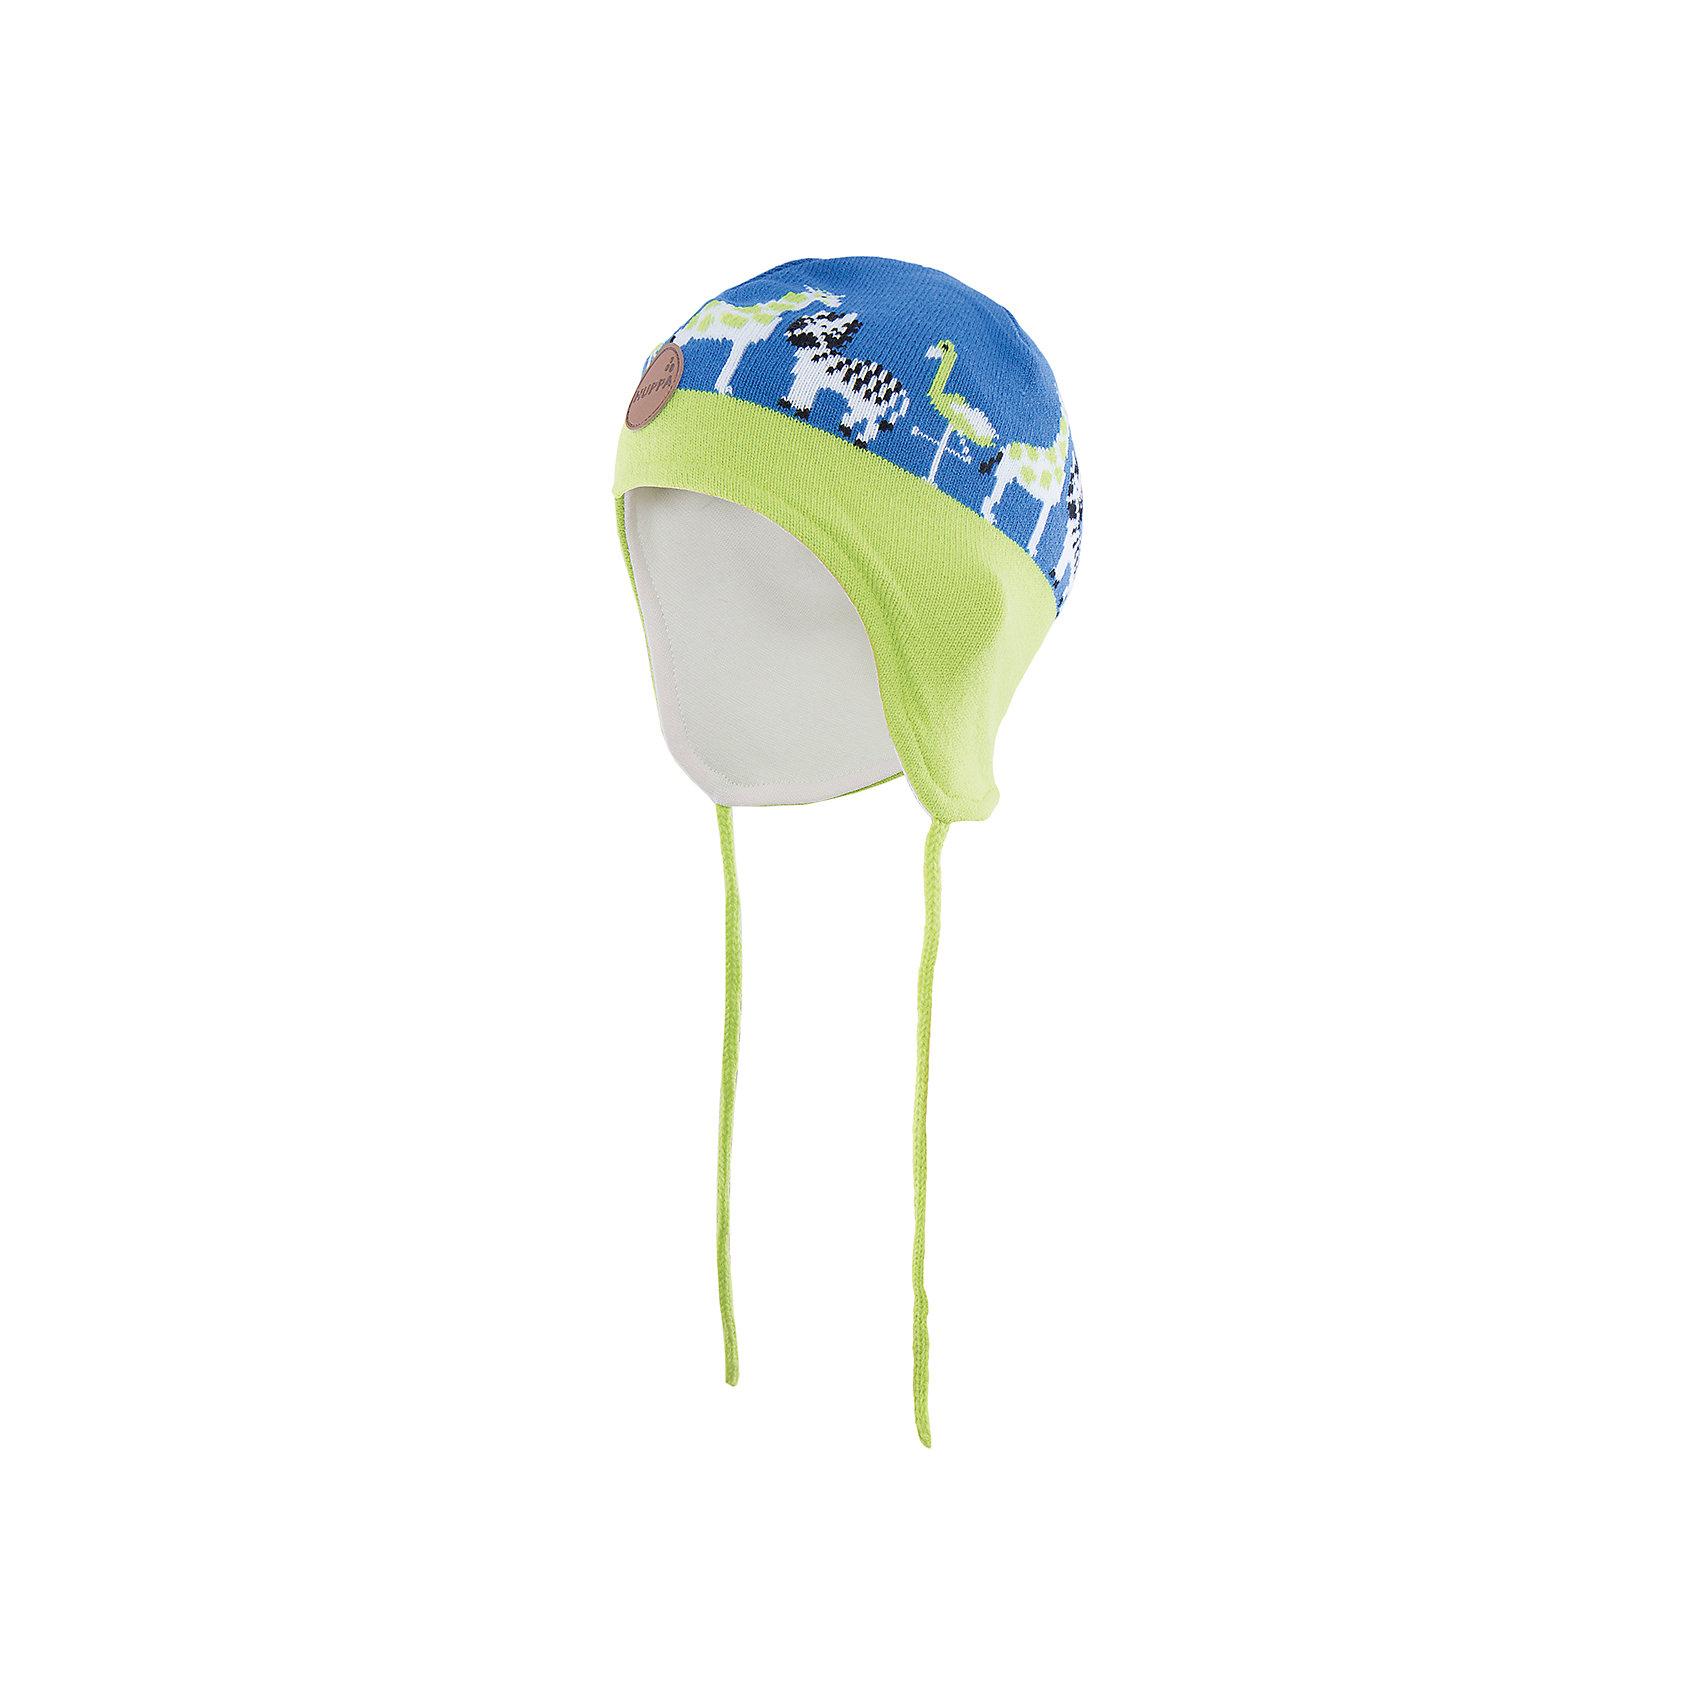 Шапка  HuppaШапочки<br>Стильная шапка Karro со зверюшками от Huppa(хуппа) изготовлена из акрила и прекрасно сохраняет тепло. Кроме того, она отлично закрывает уши и не даст ребенку замерзнуть, даже в мороз!<br><br>Дополнительная информация:<br>Цвет: синий/лайм<br>Состав: 100% акрил<br>Подкладка: трикотаж - 100% хлопок<br><br>Шапку от Huppa(хуппа) вы можете приобрести в нашем интернет-магазине.<br><br>Ширина мм: 89<br>Глубина мм: 117<br>Высота мм: 44<br>Вес г: 155<br>Цвет: синий<br>Возраст от месяцев: 9<br>Возраст до месяцев: 12<br>Пол: Мужской<br>Возраст: Детский<br>Размер: 43-45,47-49,51-53<br>SKU: 4923509